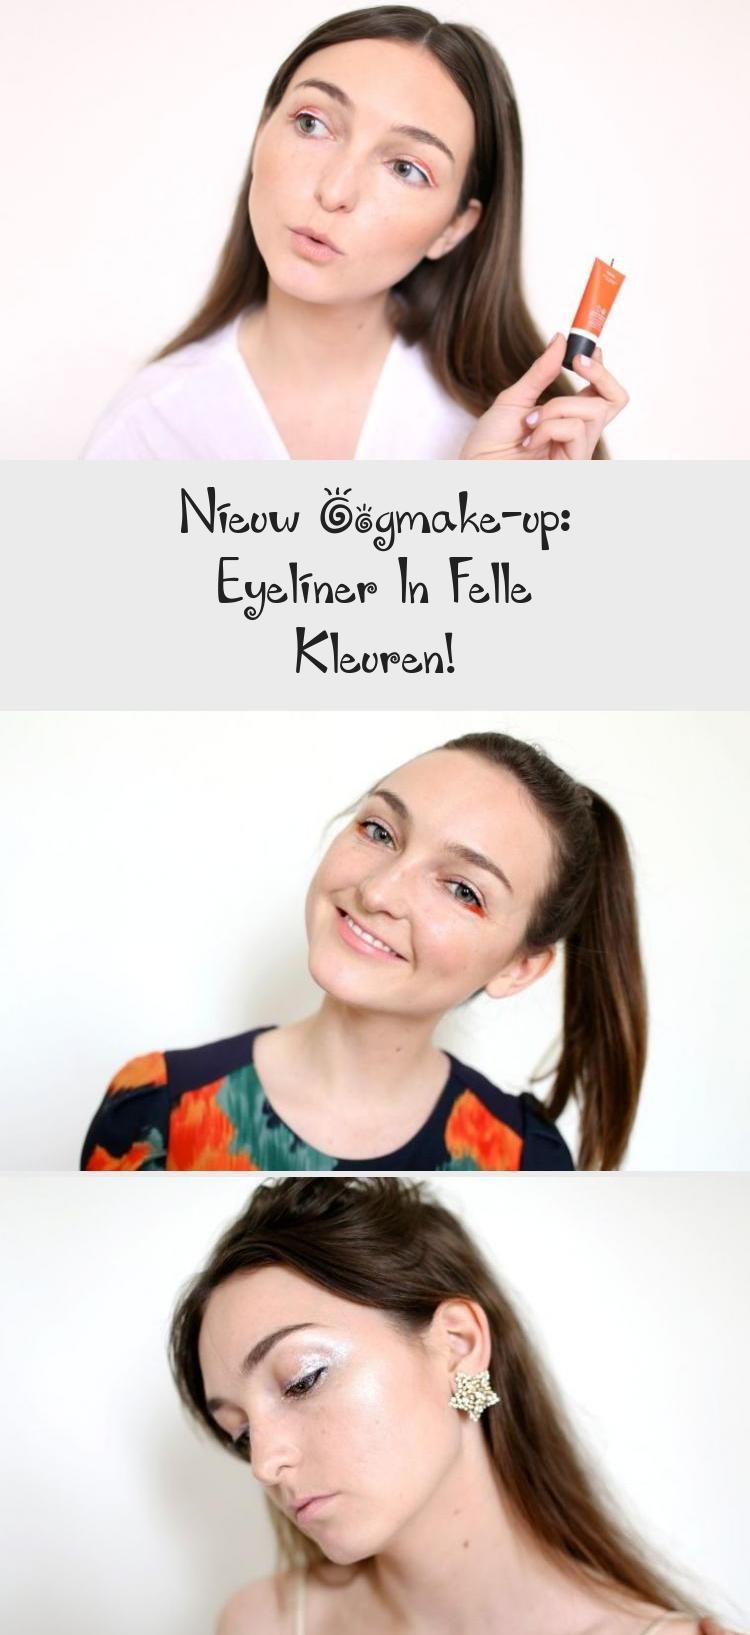 Nieuw oogmake-up: eyeliner in felle kleuren!  make-up De laatste tijd is er een nieuwe make-uptrend